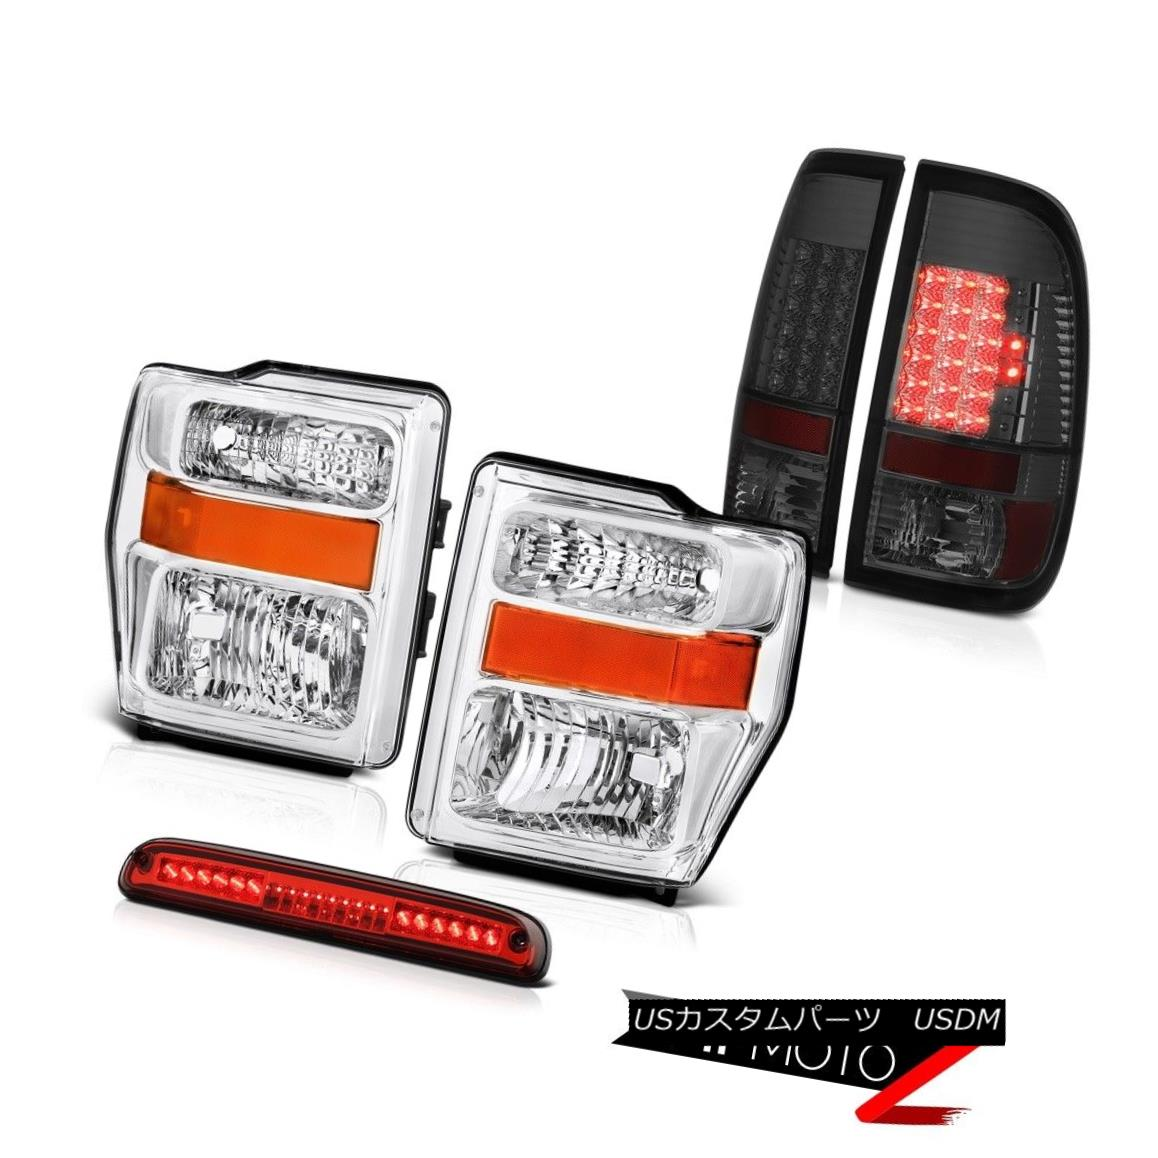 ヘッドライト 2008 2009 2010 Ford SuperDuty L+R Headlamps Smoke Tail Lights LED Red 3rd Brake 2008年2009年2010年フォードSuperDuty L + Rヘッドランプ煙テールライトLEDレッド第3ブレーキ